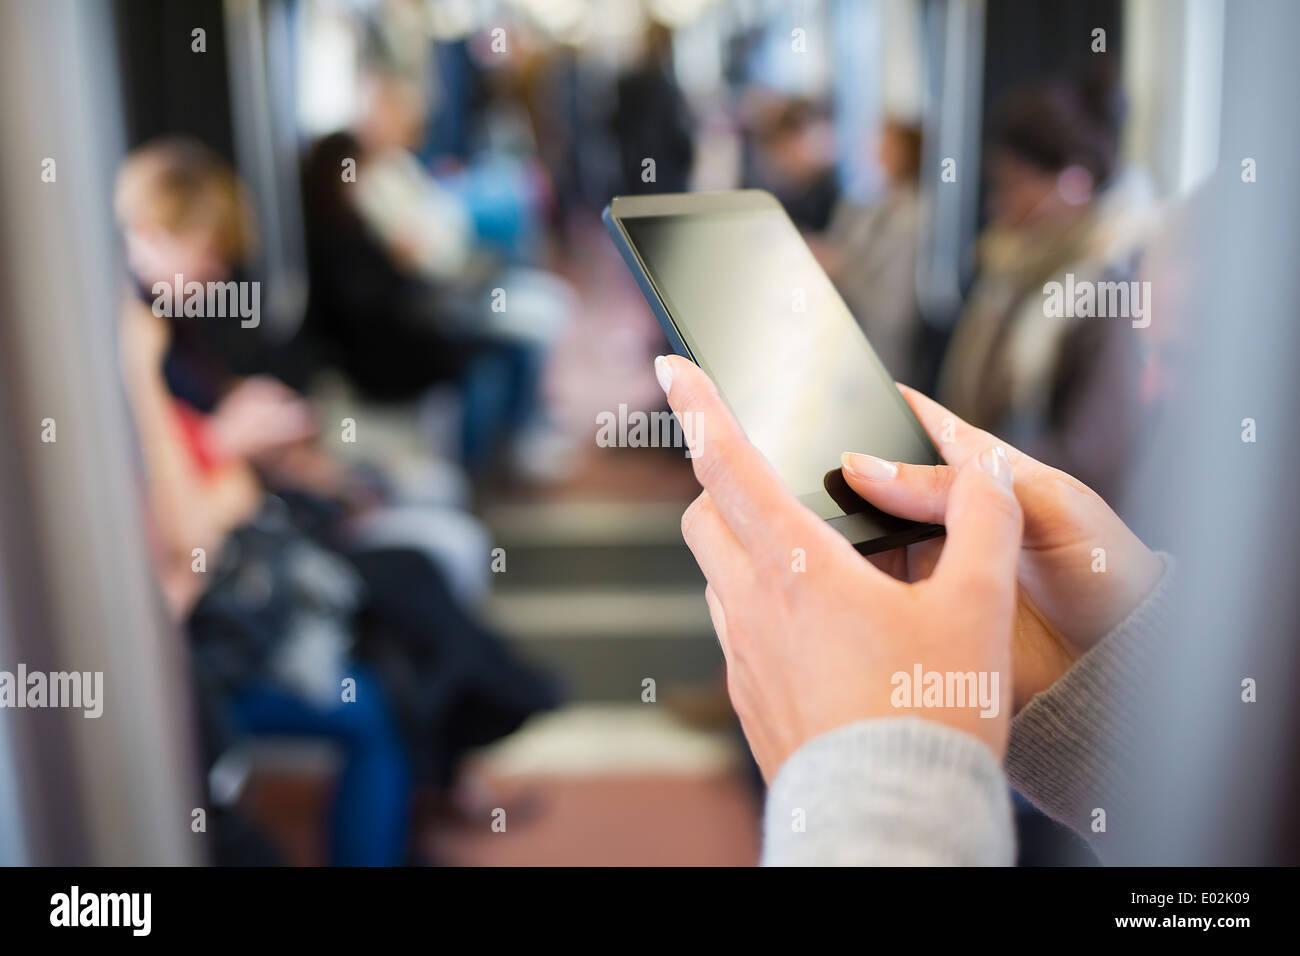 Femmina cellulare a mano della metropolitana sms messaggi e-mail Immagini Stock